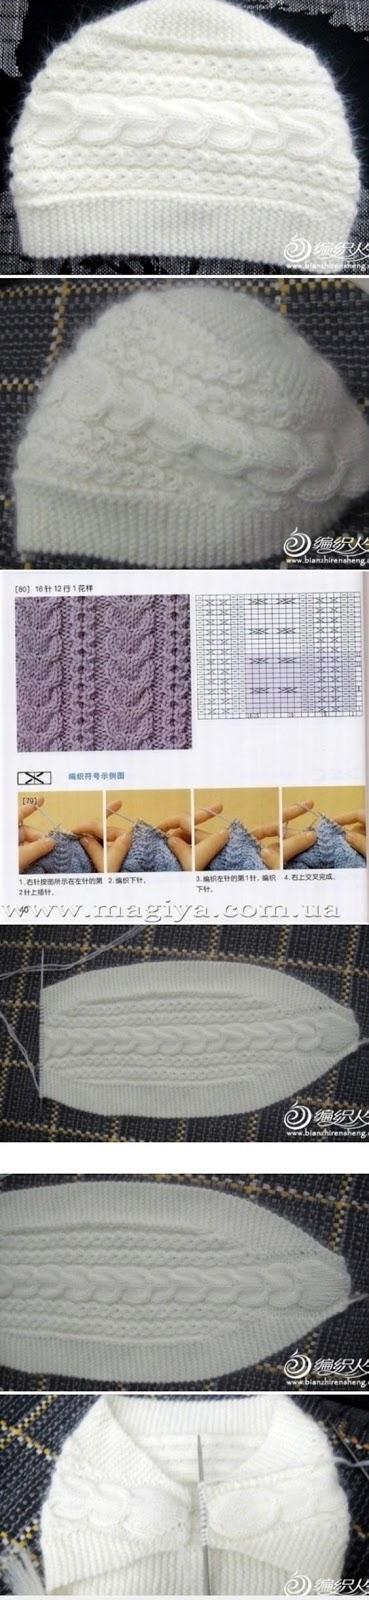 czapka na drutach - fototutorial